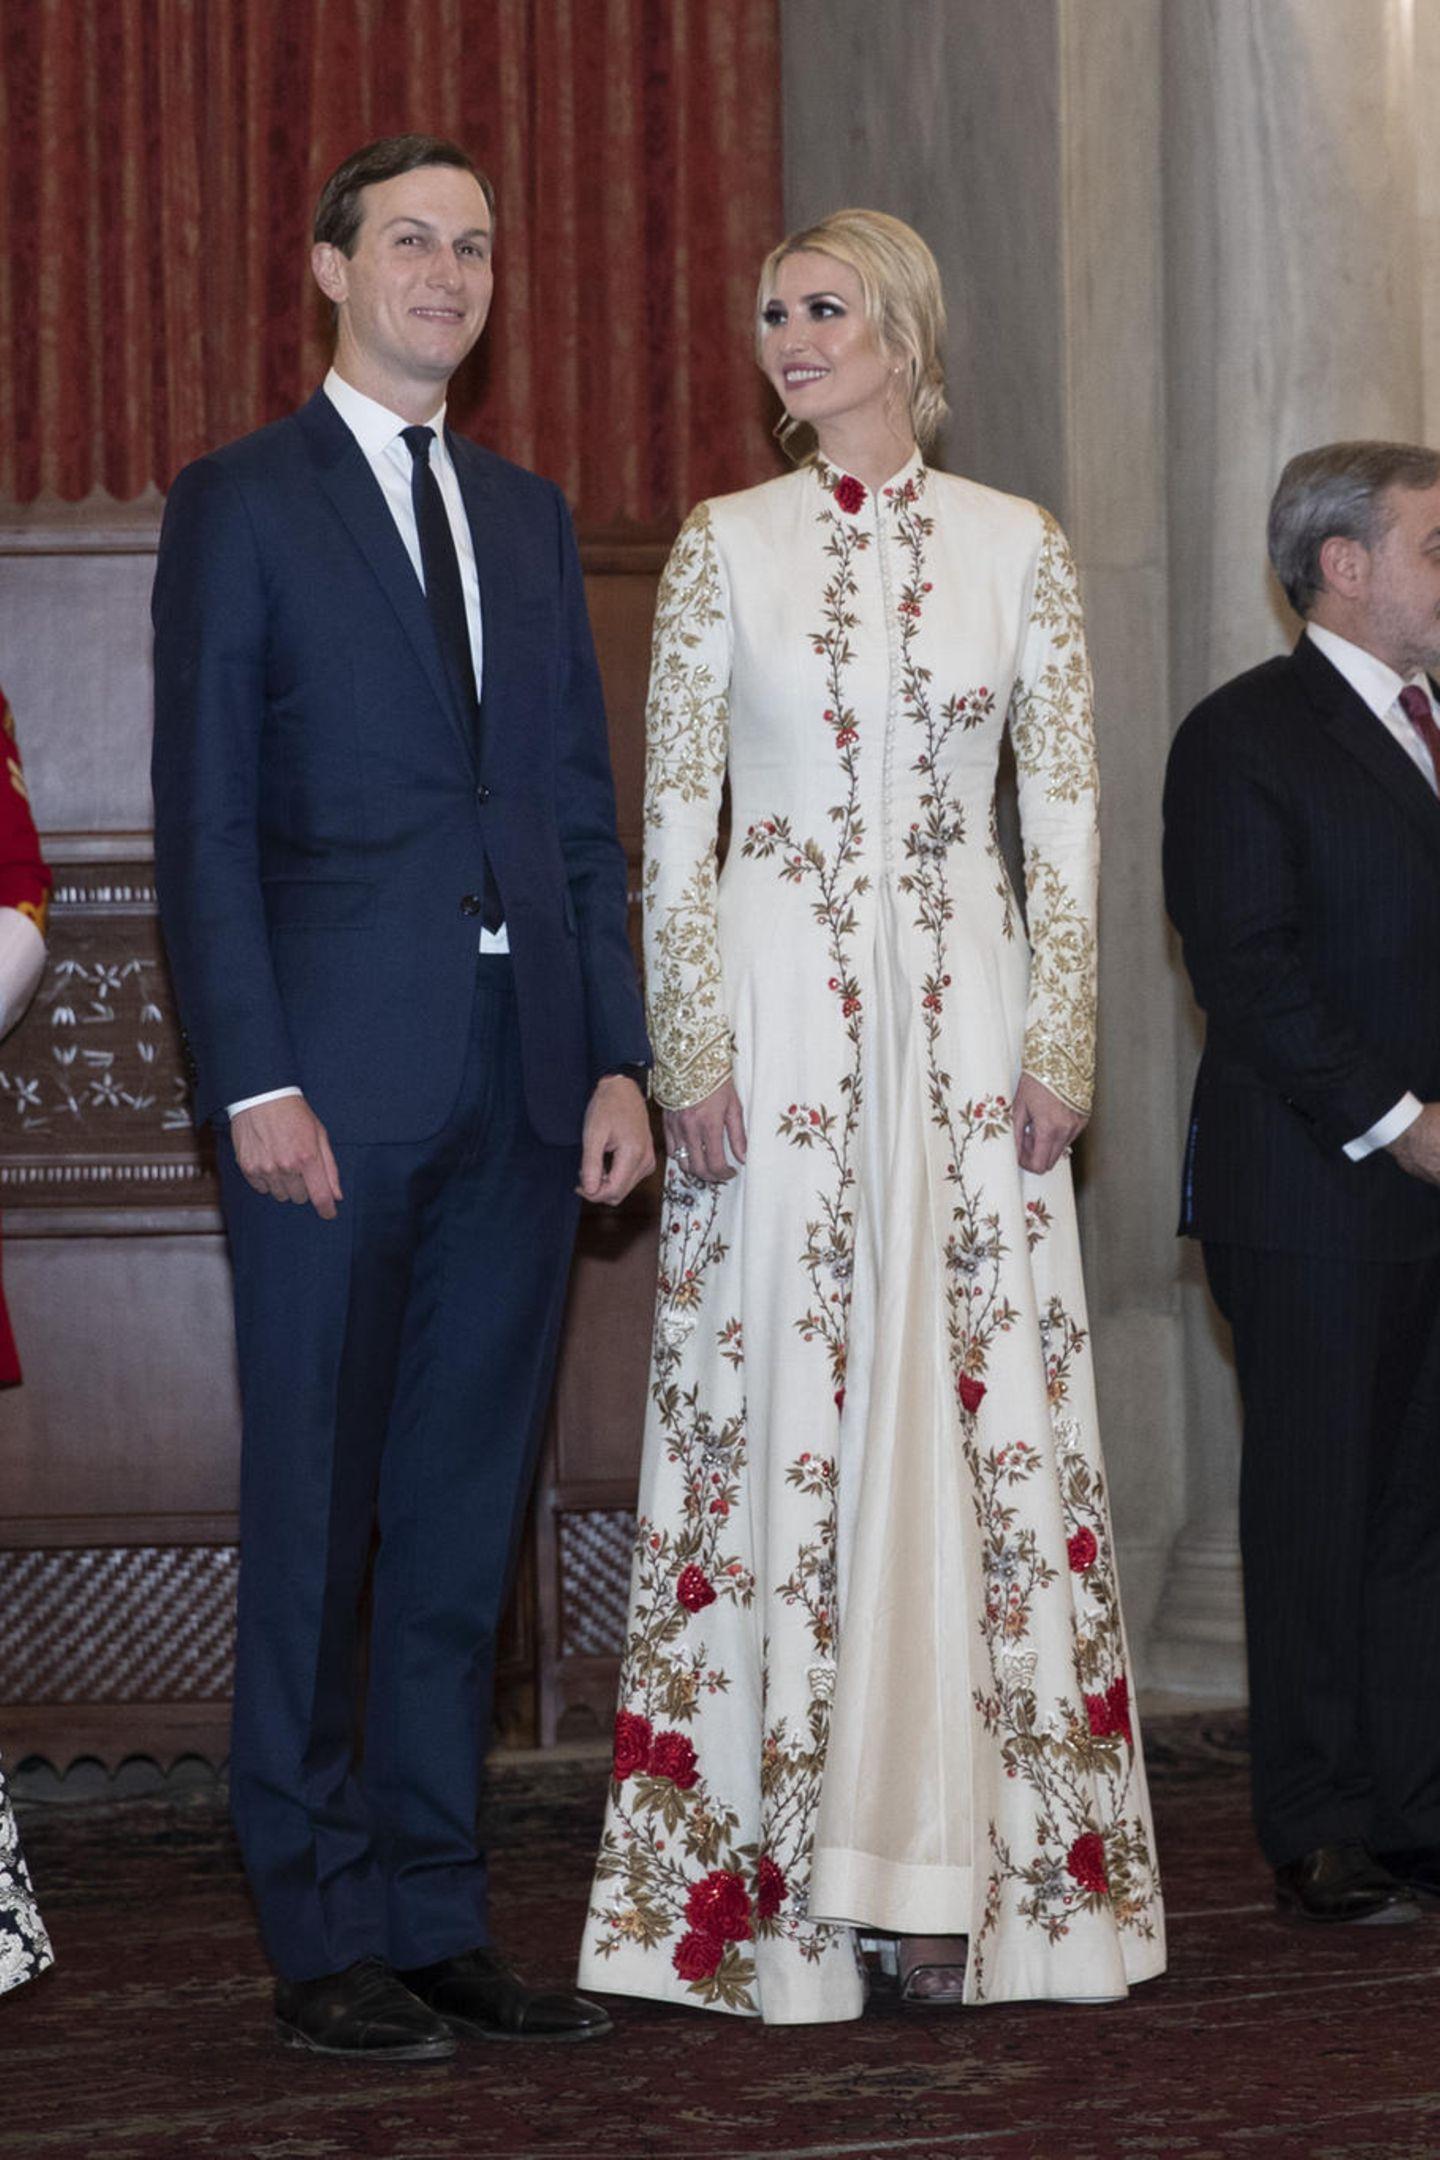 Ab Taillenhöhe fällt die Robe leicht auf und zaubert Ivanka eine wunderschöne Silhouette. Ein tiefgebundener Chignon und Smokey Eyes runden den Look der Dreifach-Mama ab.